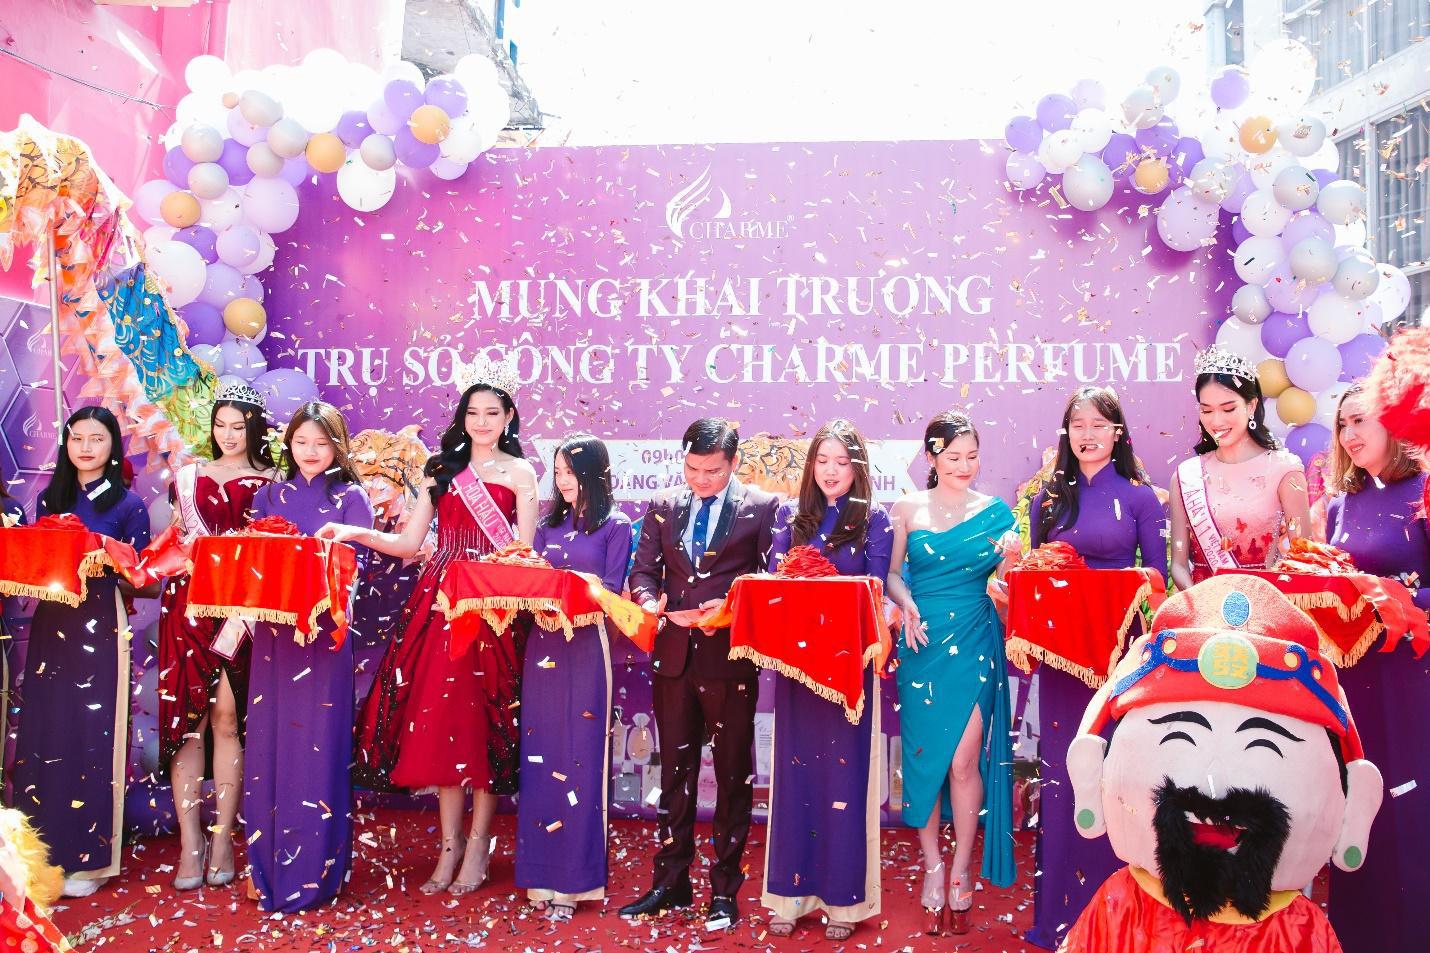 Top Hoa hậu Việt Nam 2020 đến chúc mừng nước hoa Charme khai trương trụ sở công ty tại TP.HCM - Ảnh 8.